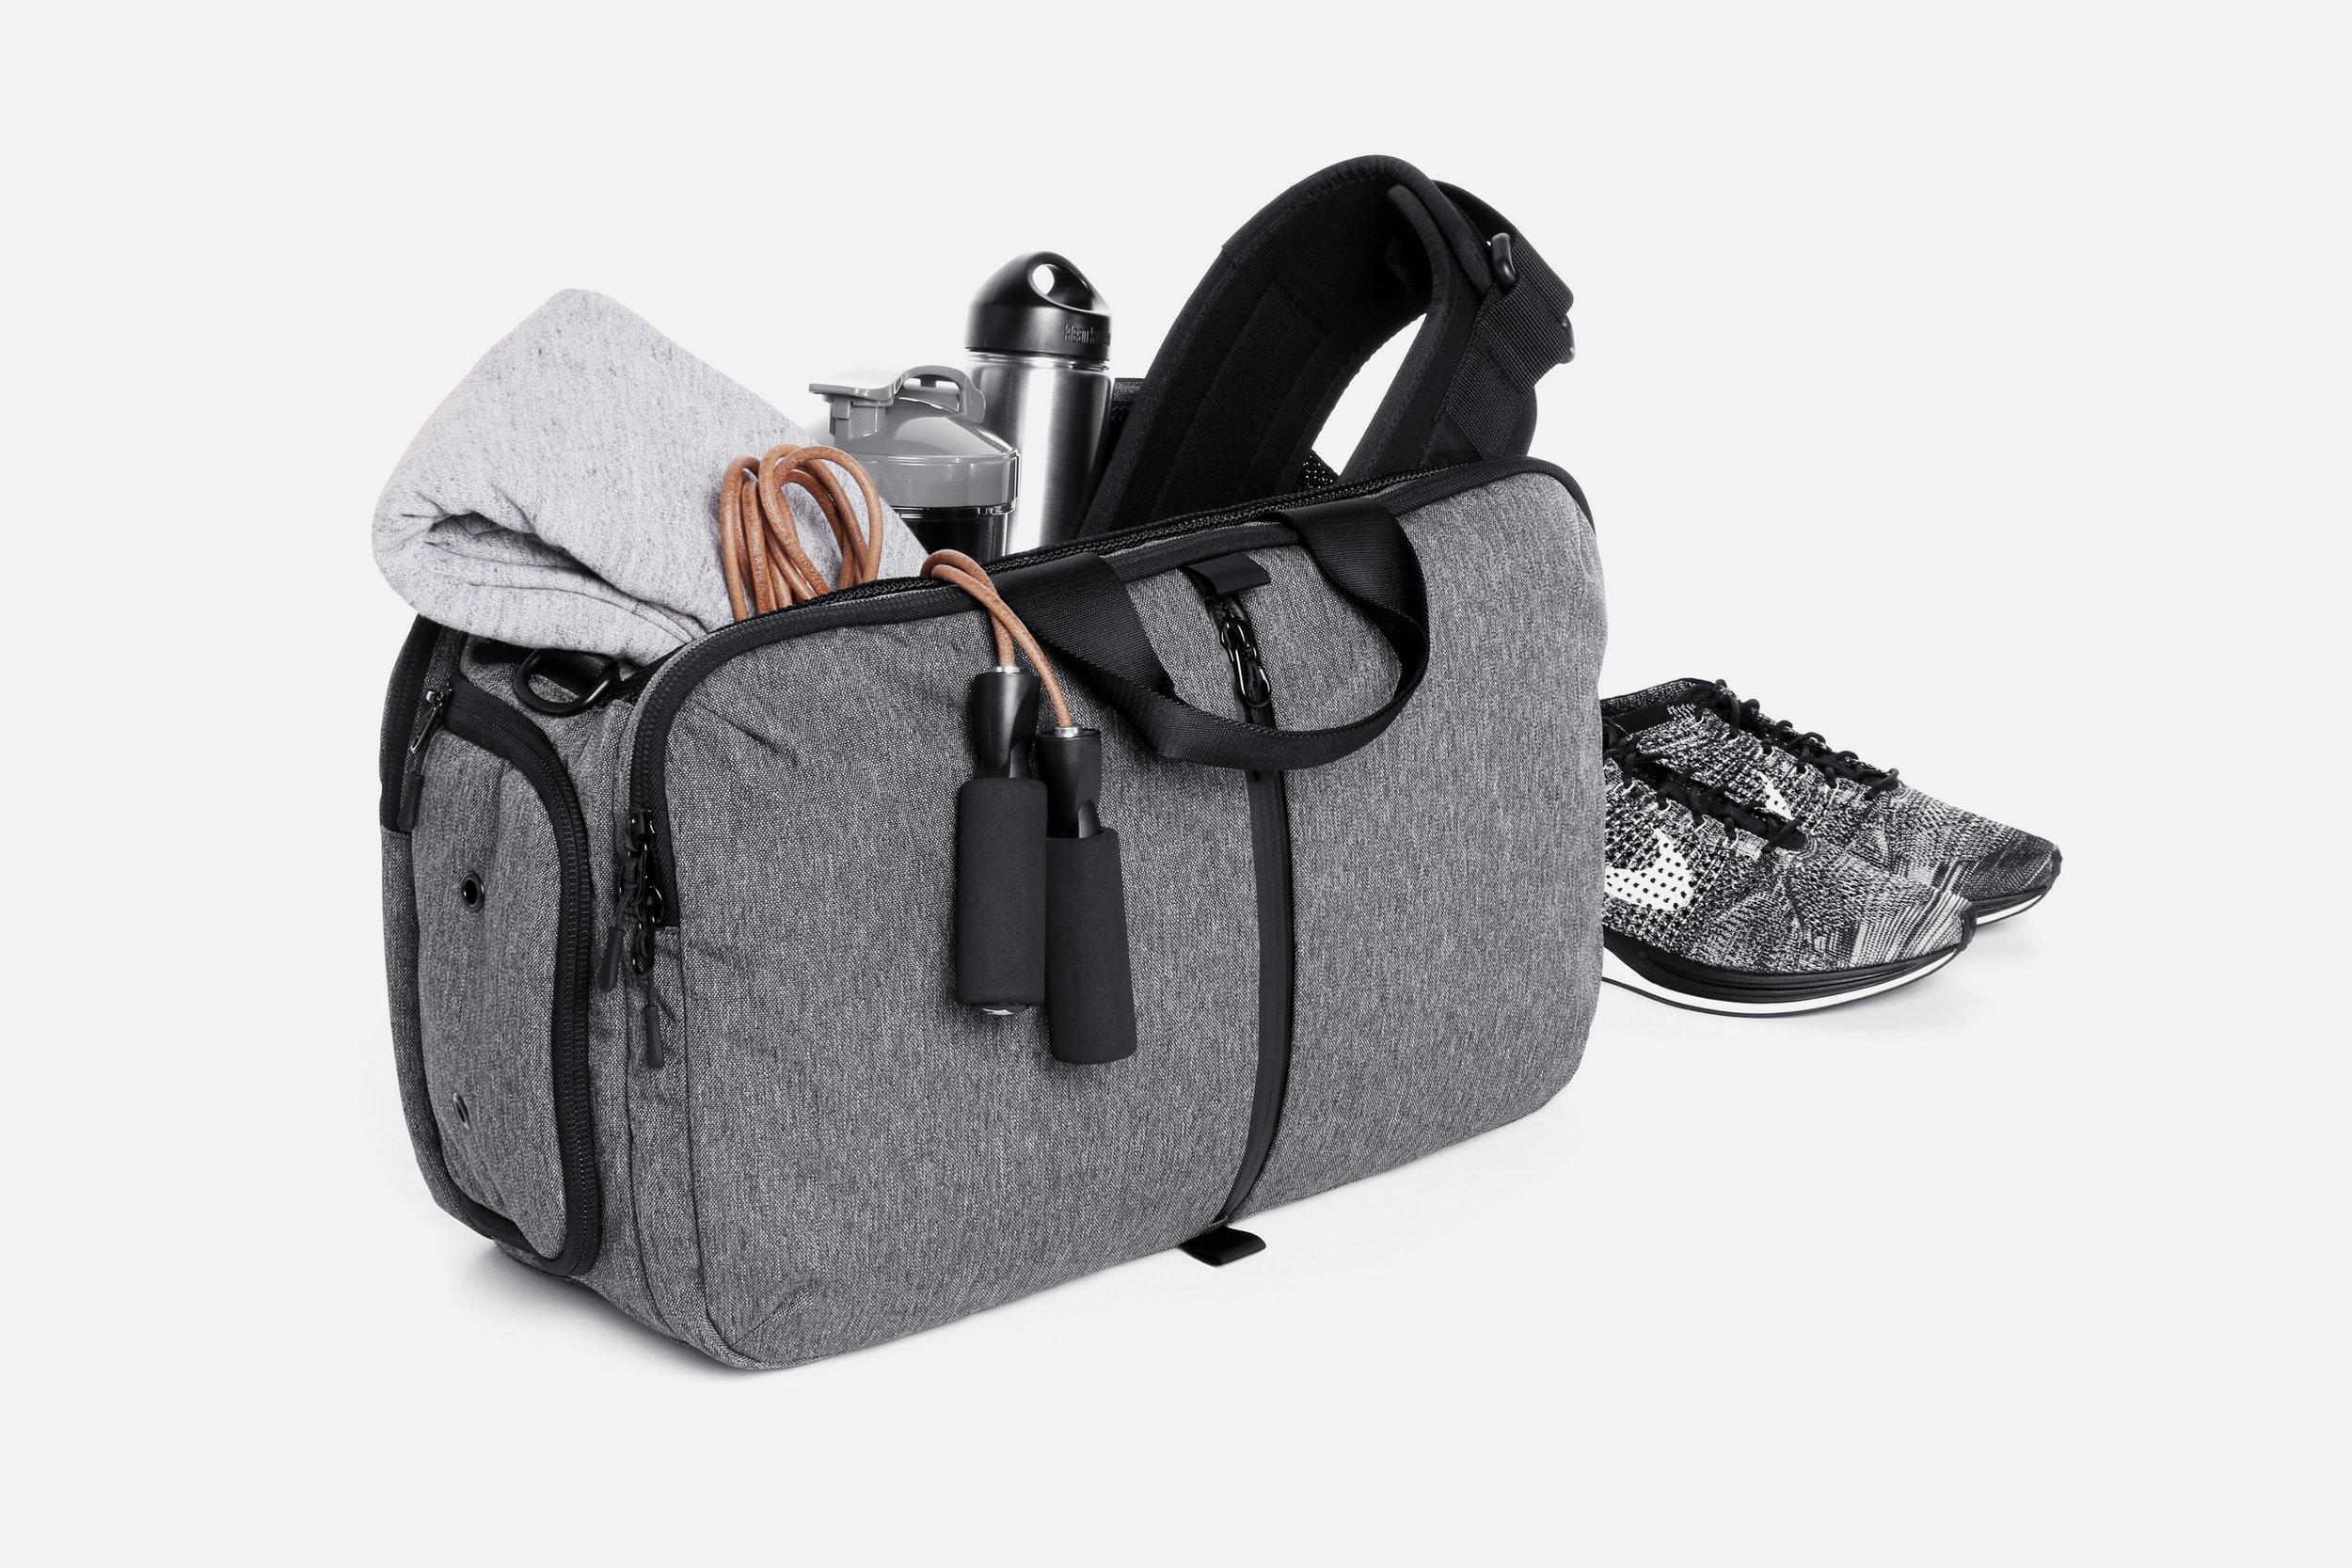 Aer Gym Duffel Gym/Work Bag